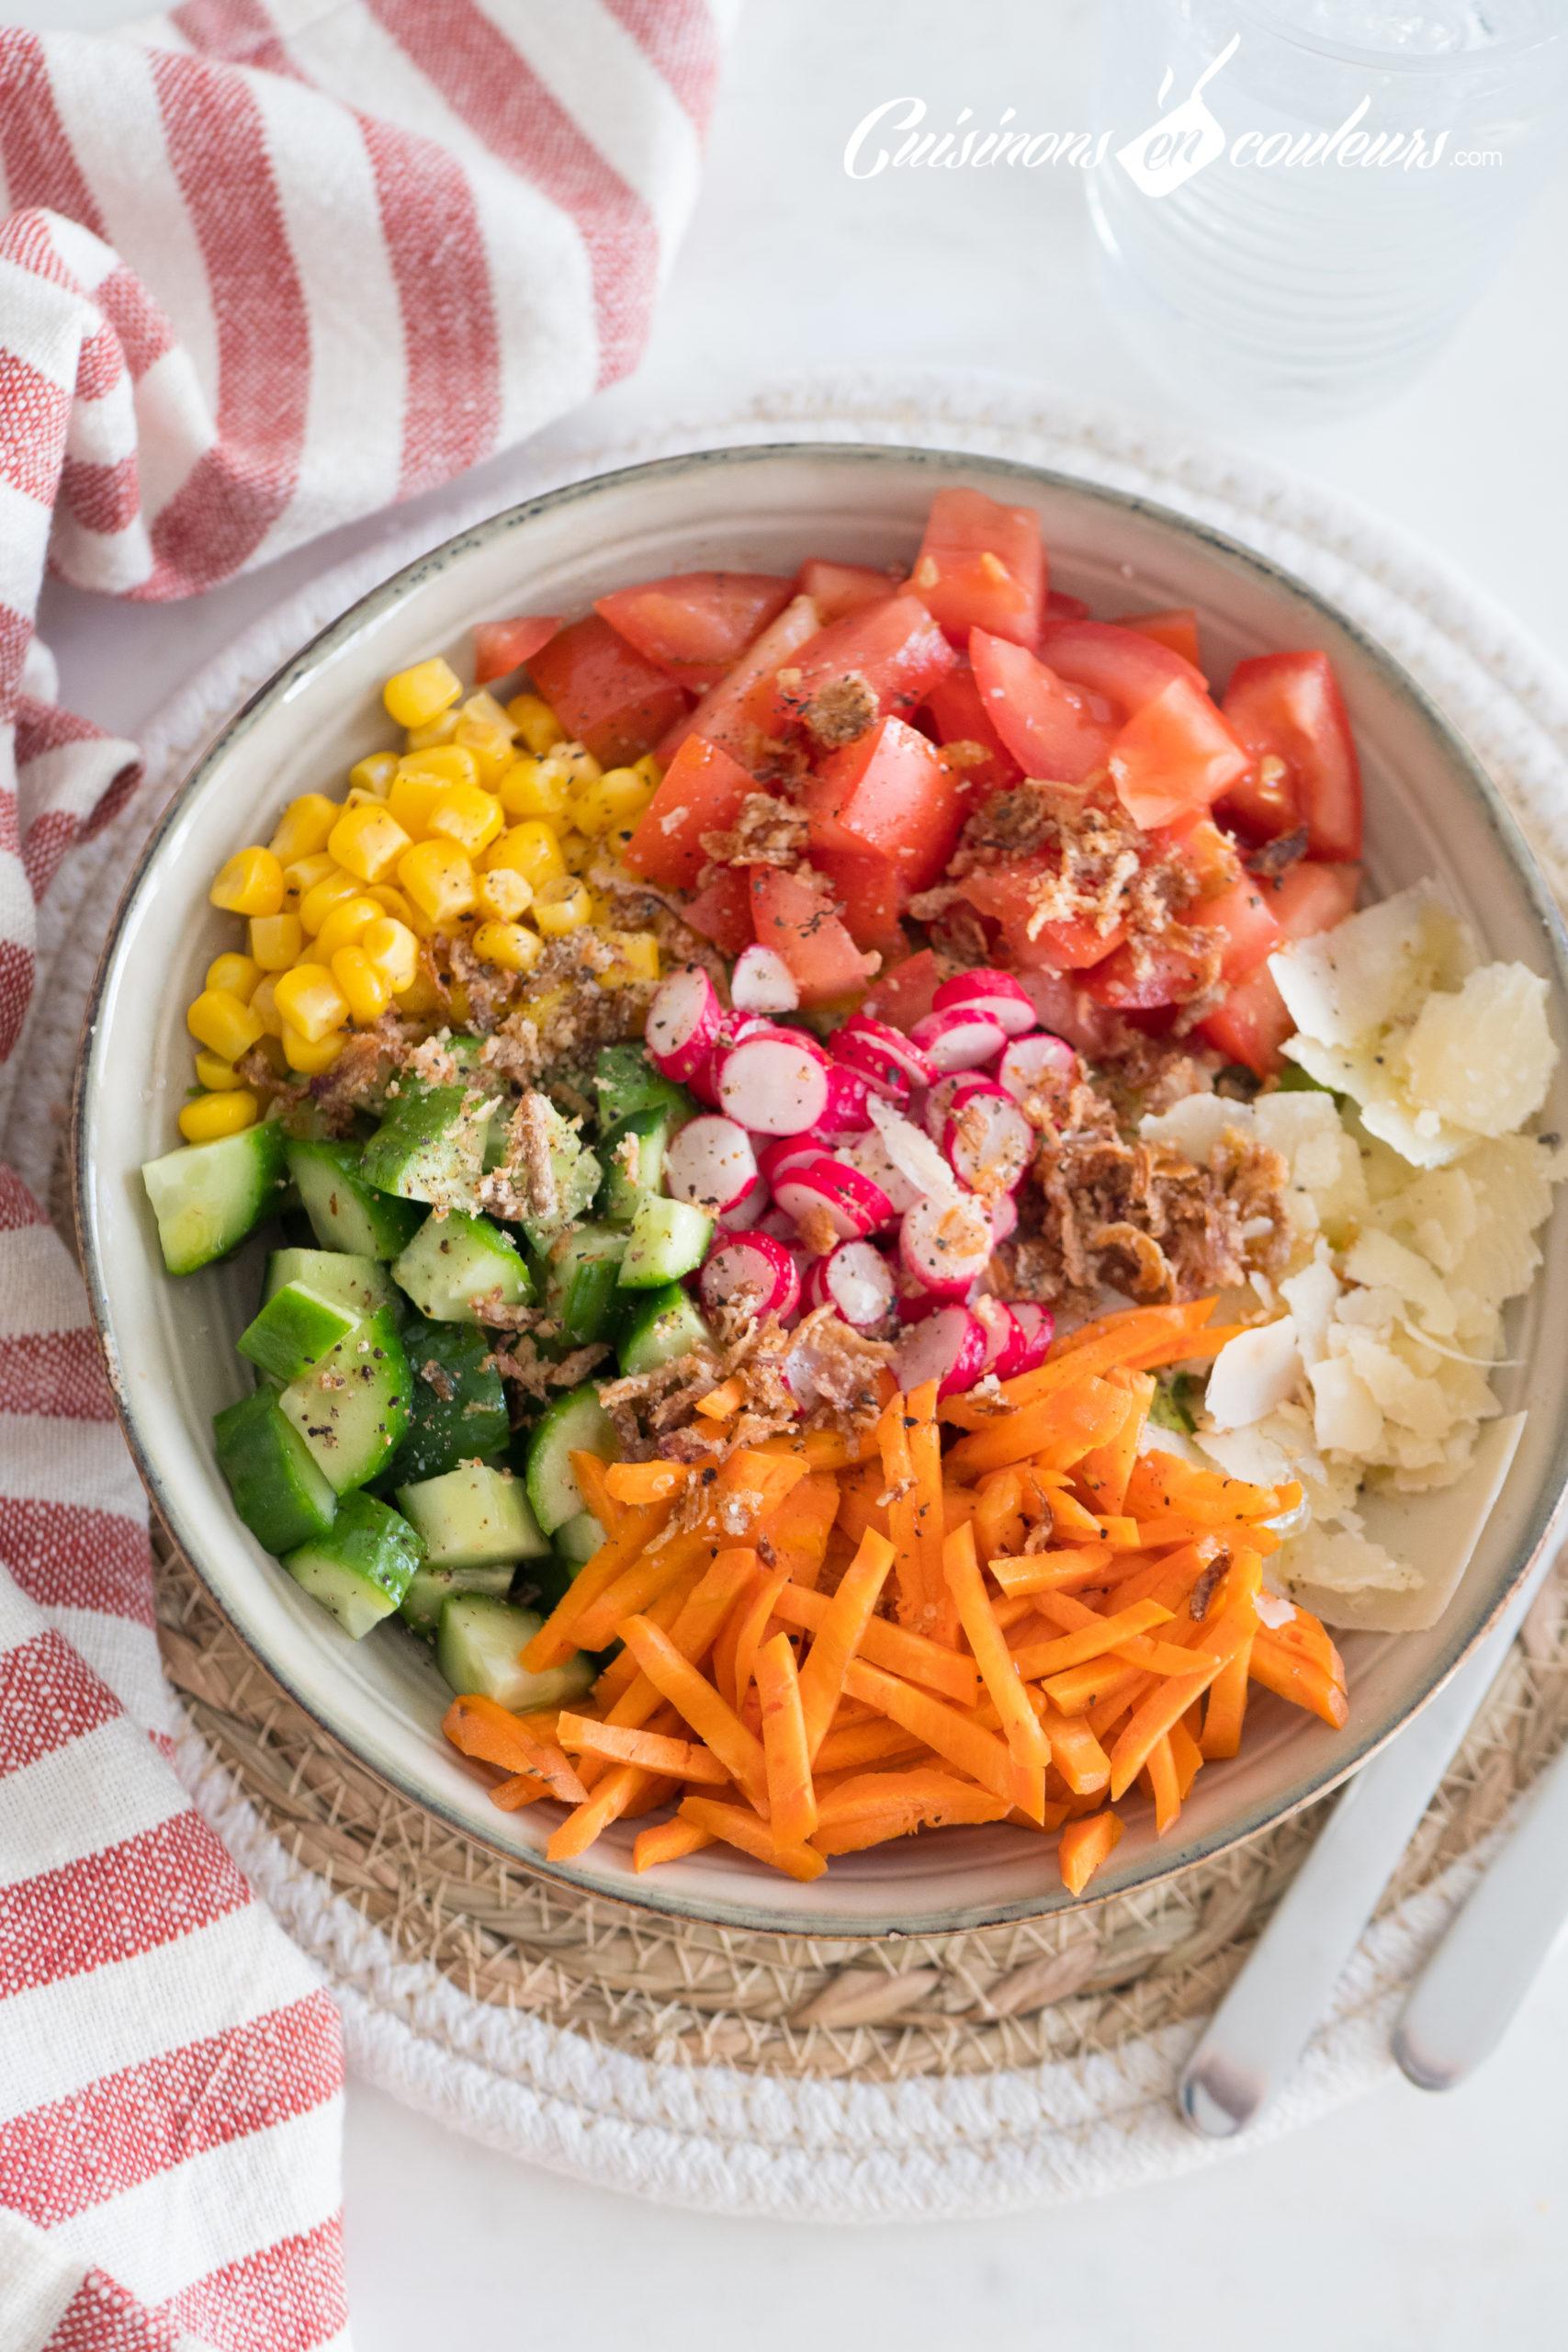 Salade-composee-5-scaled - Salade composée, appelée aussi Salad Bowl